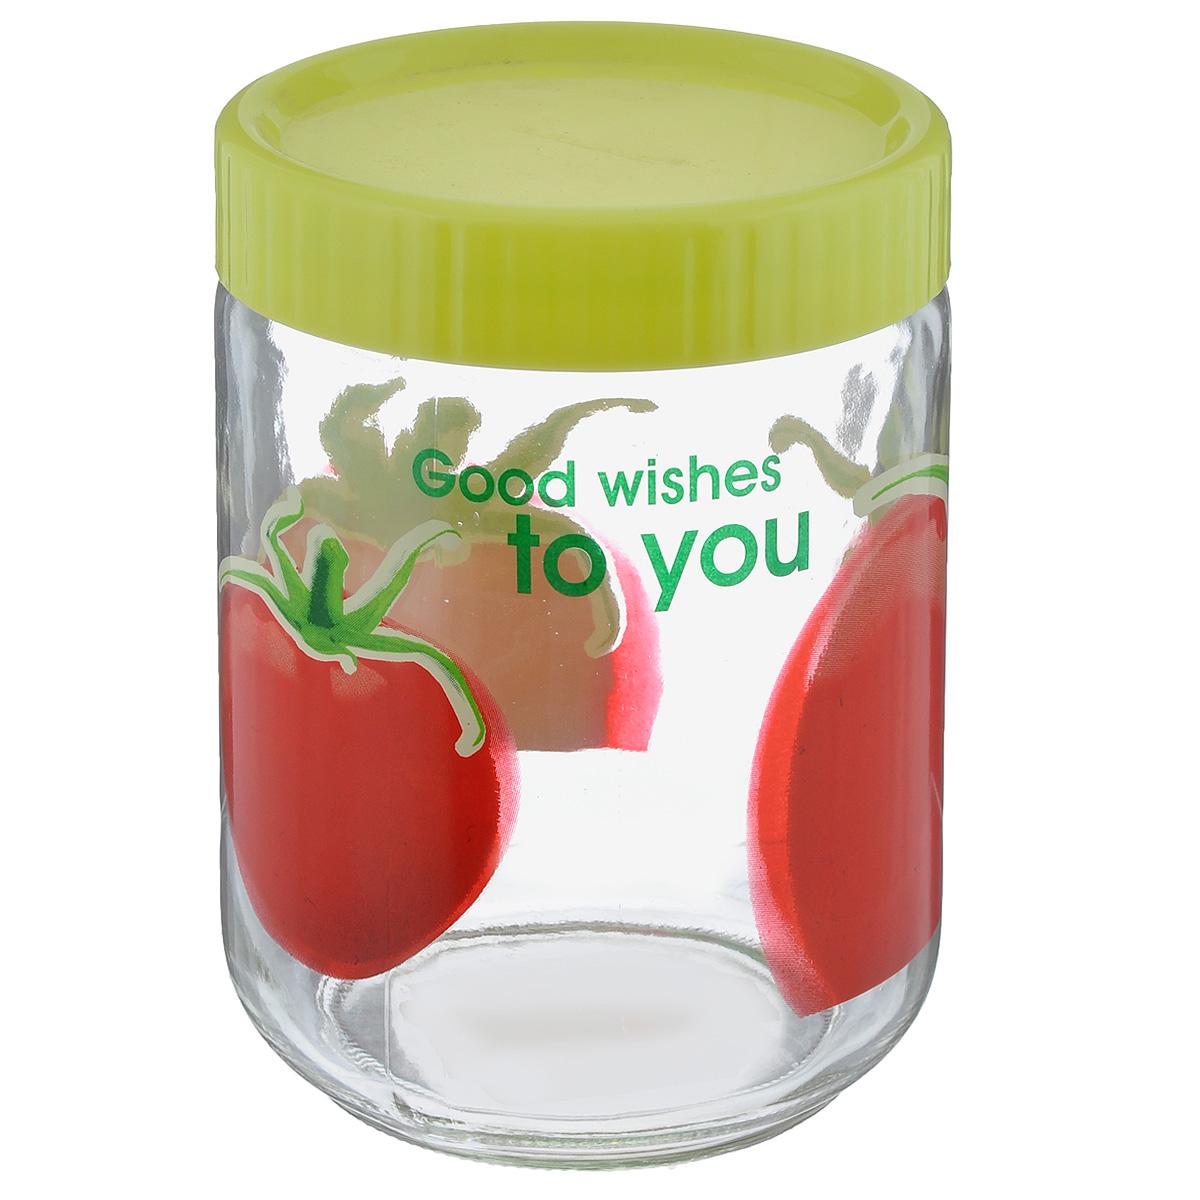 Банка для сыпучих продуктов Lilac, цвет: прозрачный, салатовый, красный, 1,2 лLLSE71200_салатовыйБанка Lilac изготовлена из стекла. Емкость снабжена пластиковой крышкой, которая плотно и герметично закрывается, дольше сохраняя аромат и свежесть содержимого. Банка подходит для хранения сыпучих продуктов: круп, специй, сахара, соли. Такая банка станет полезным приобретением и пригодится на любой кухне.